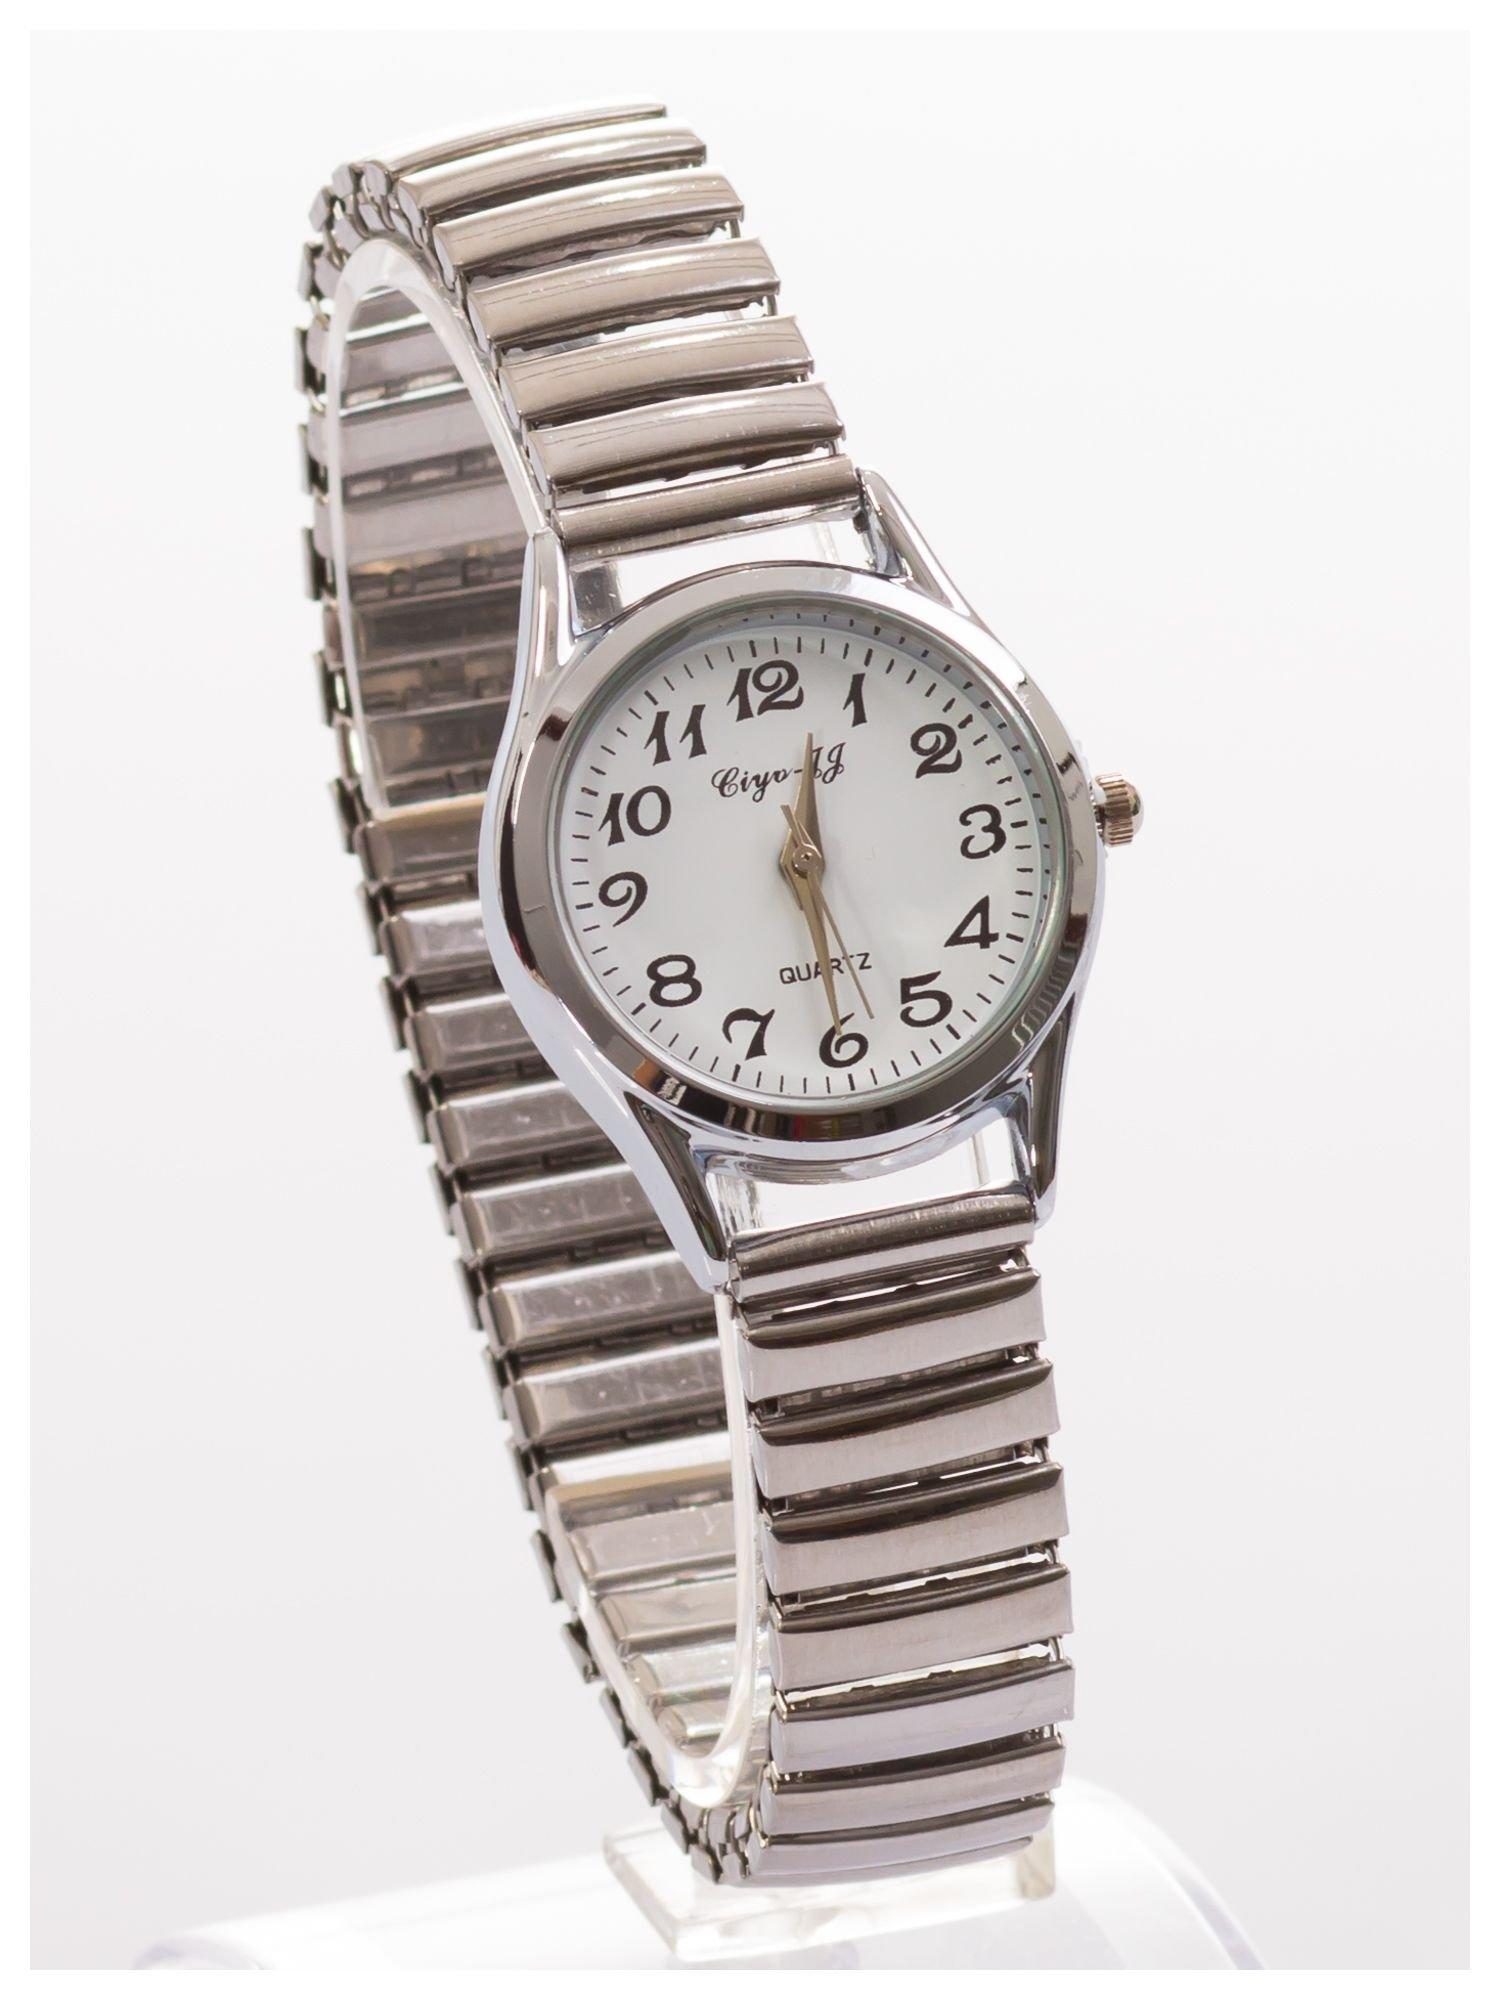 Delikatny damski zegarek na elastycznej bransolecie                                  zdj.                                  3